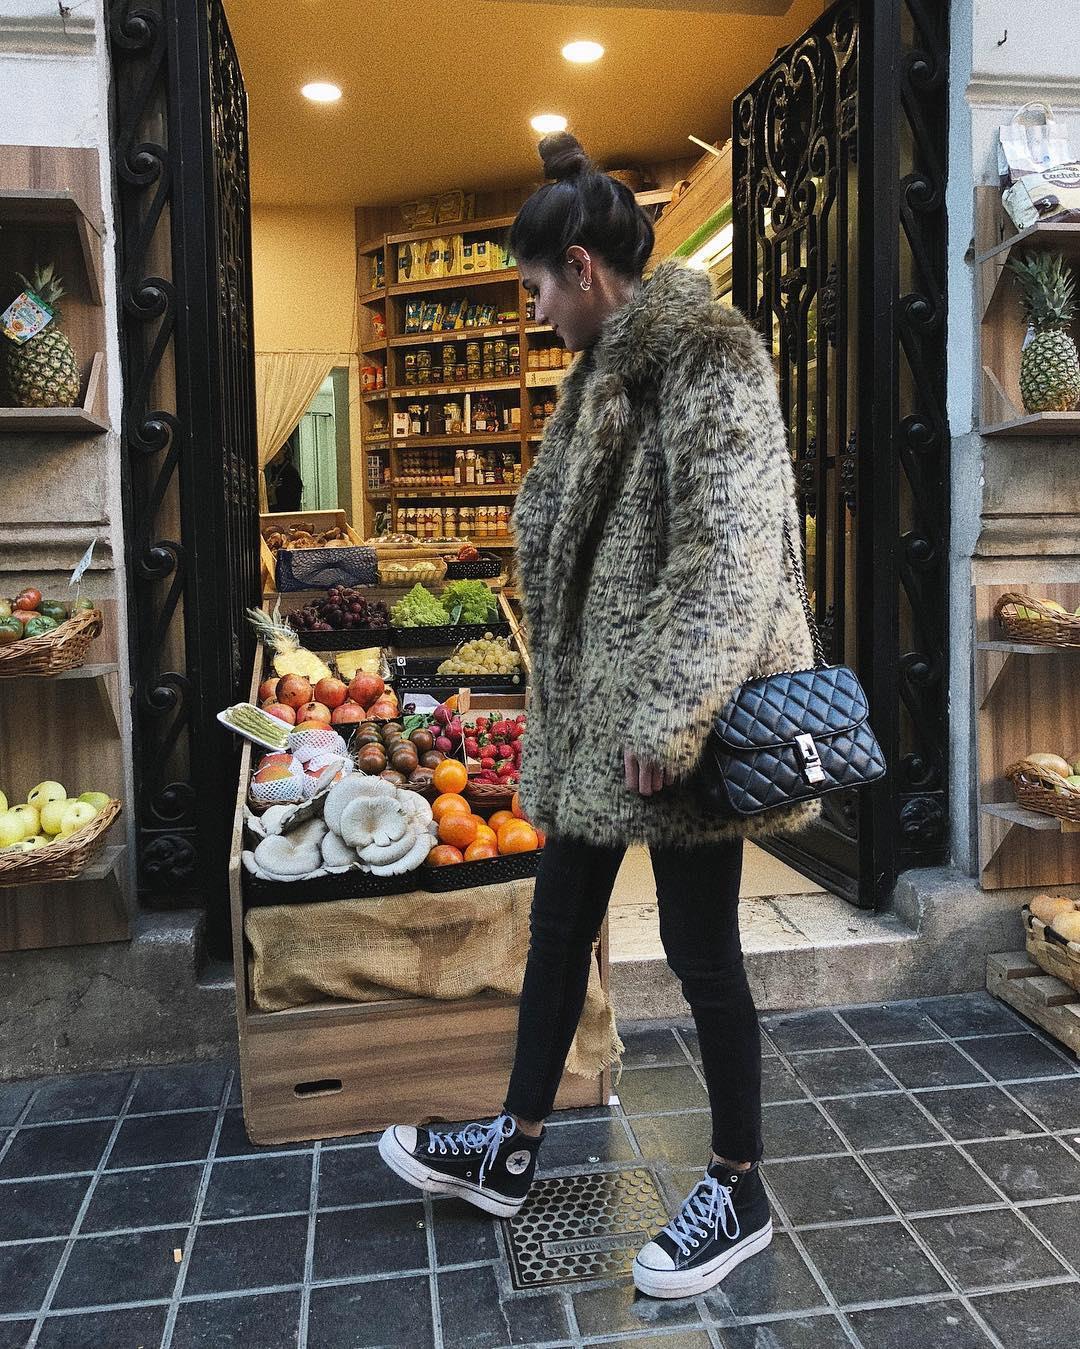 9cbcf8cd027 Cómo combinar ropa  abrigos con zapatillas que quedan muy bien - InStyle